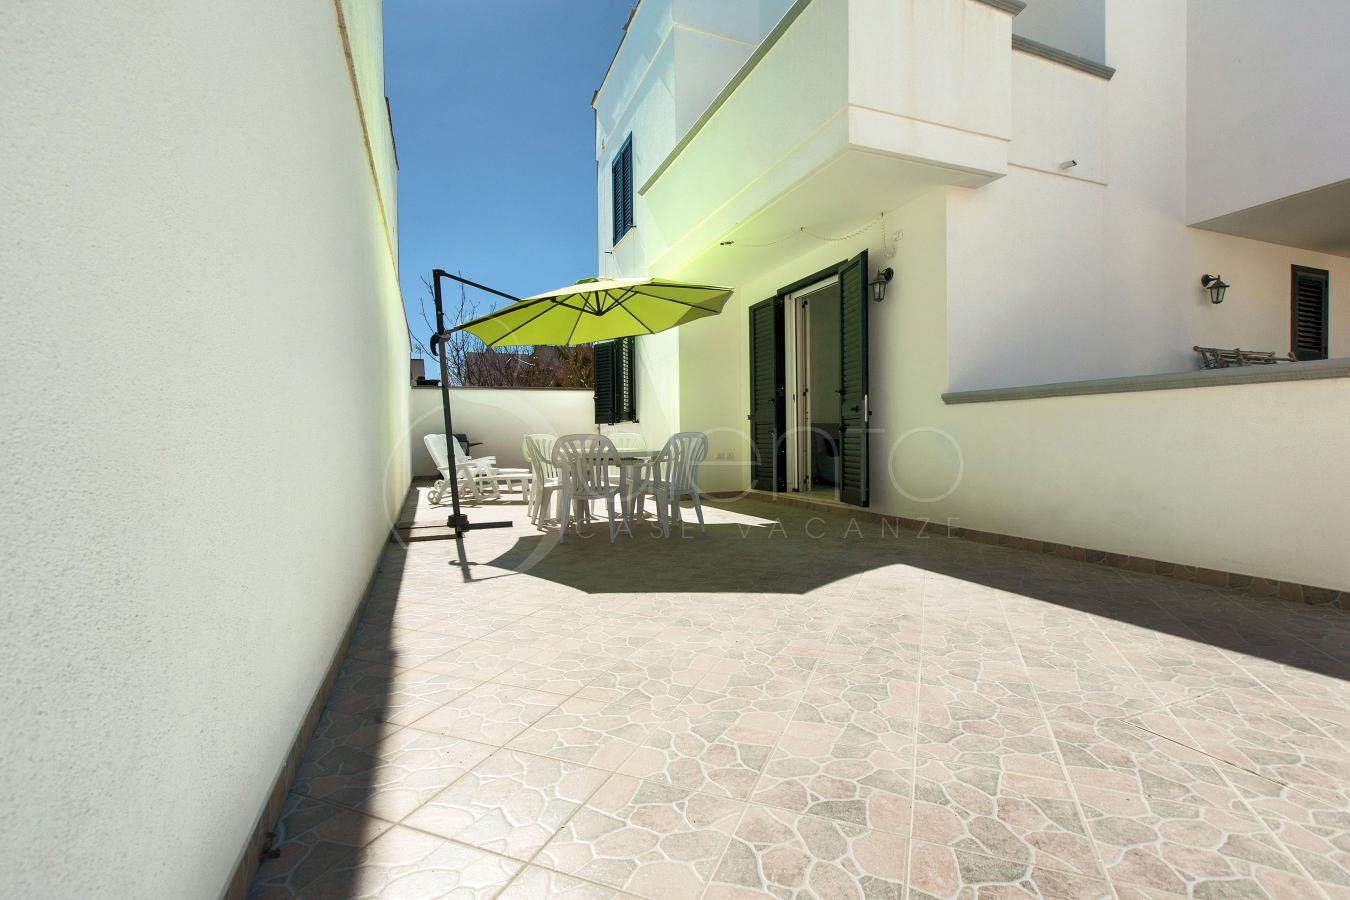 case vacanze - Lido Marini ( Leuca ) - La Suite PT